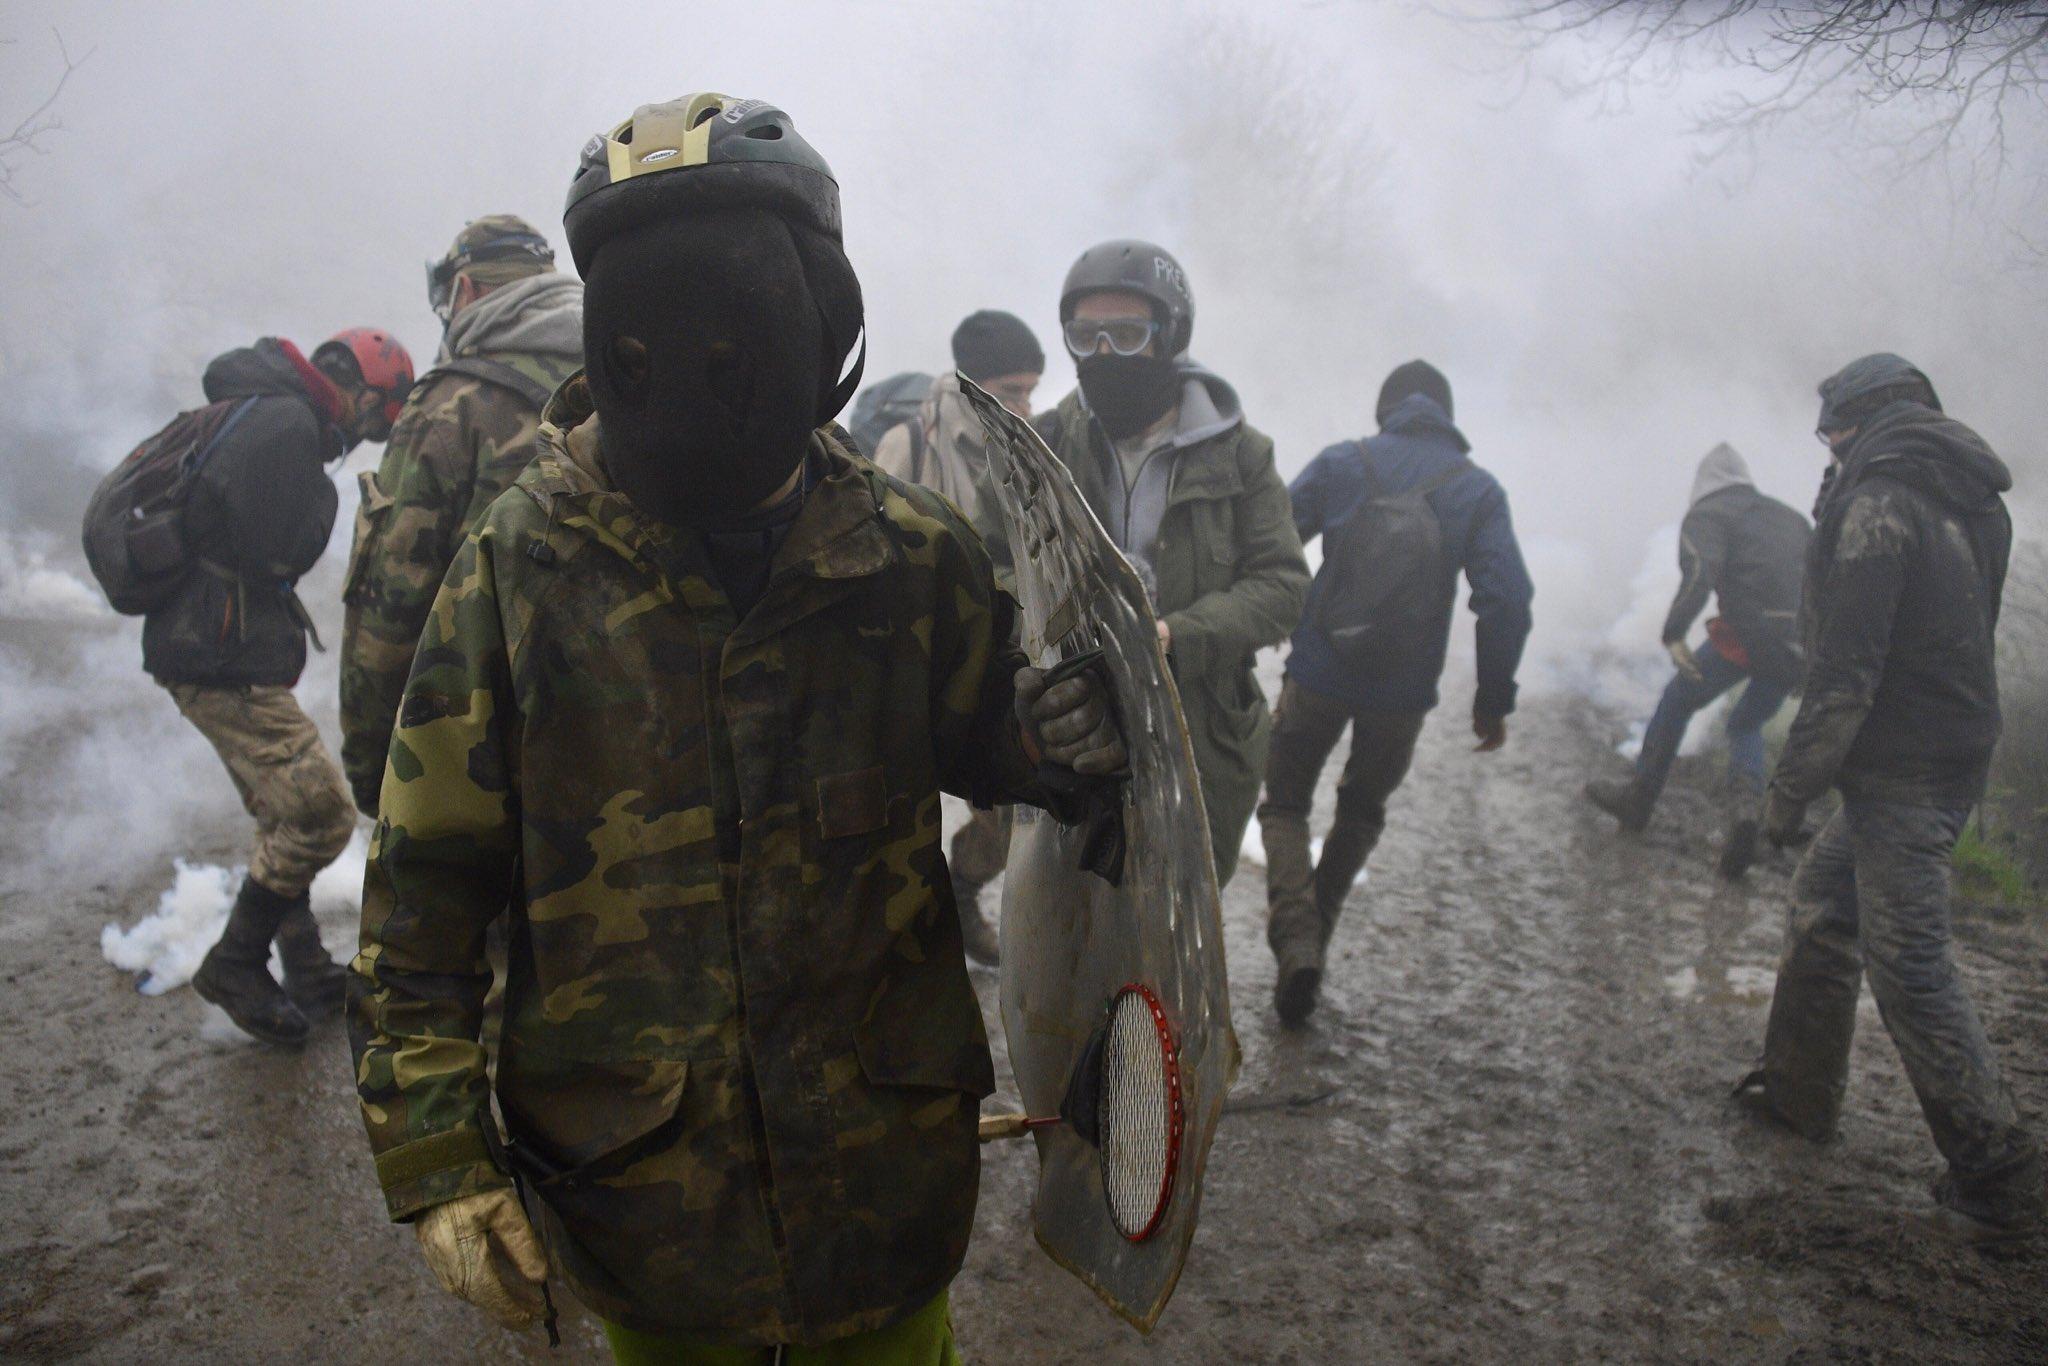 Les zadistes sous un bombardement de gaz lacrymogènes